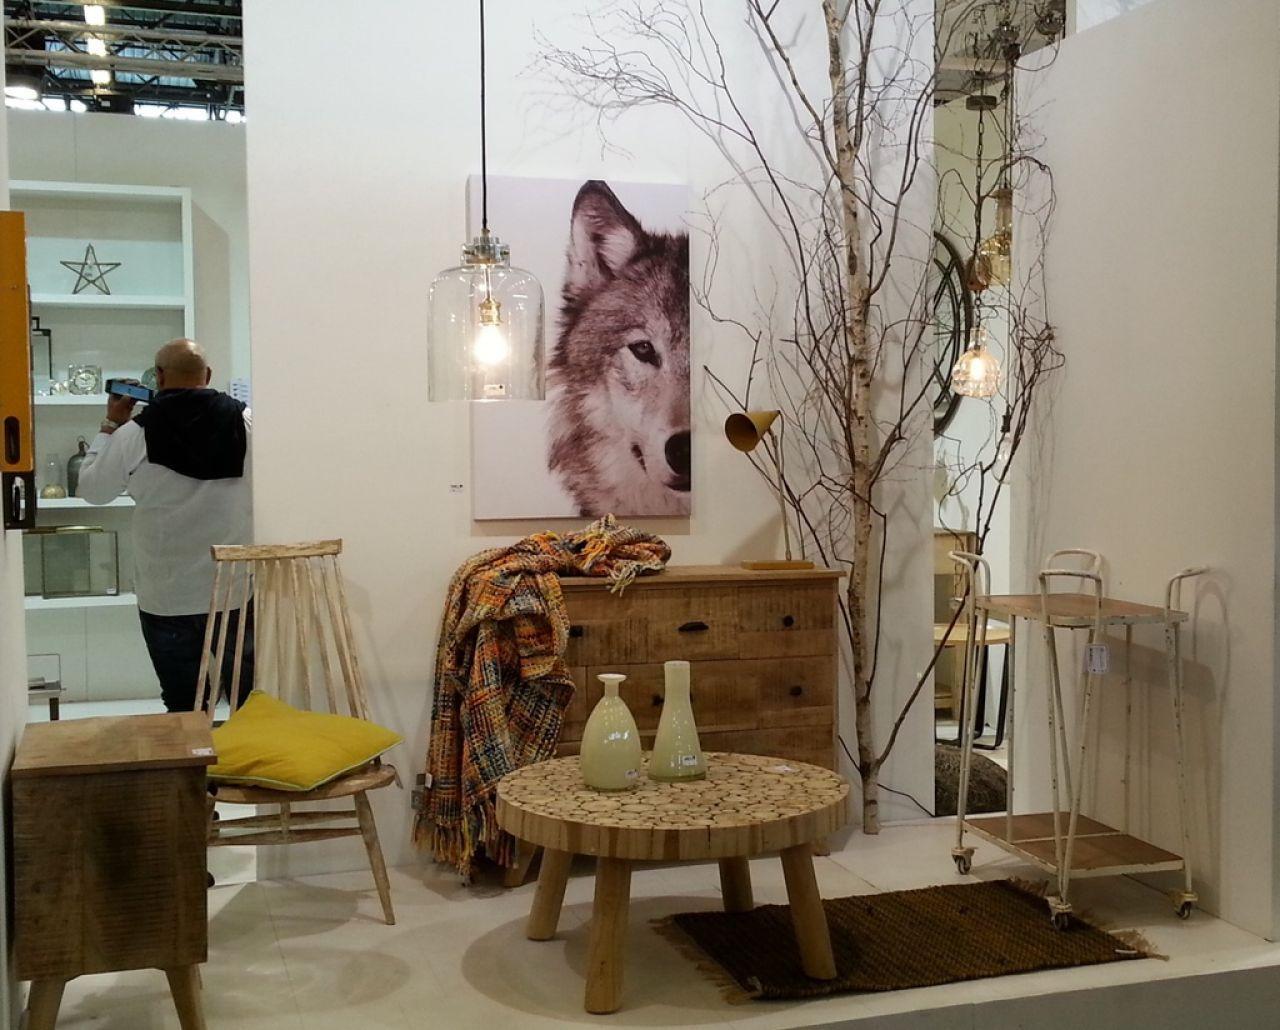 en images maison objet toutes les tendances d co 2016. Black Bedroom Furniture Sets. Home Design Ideas